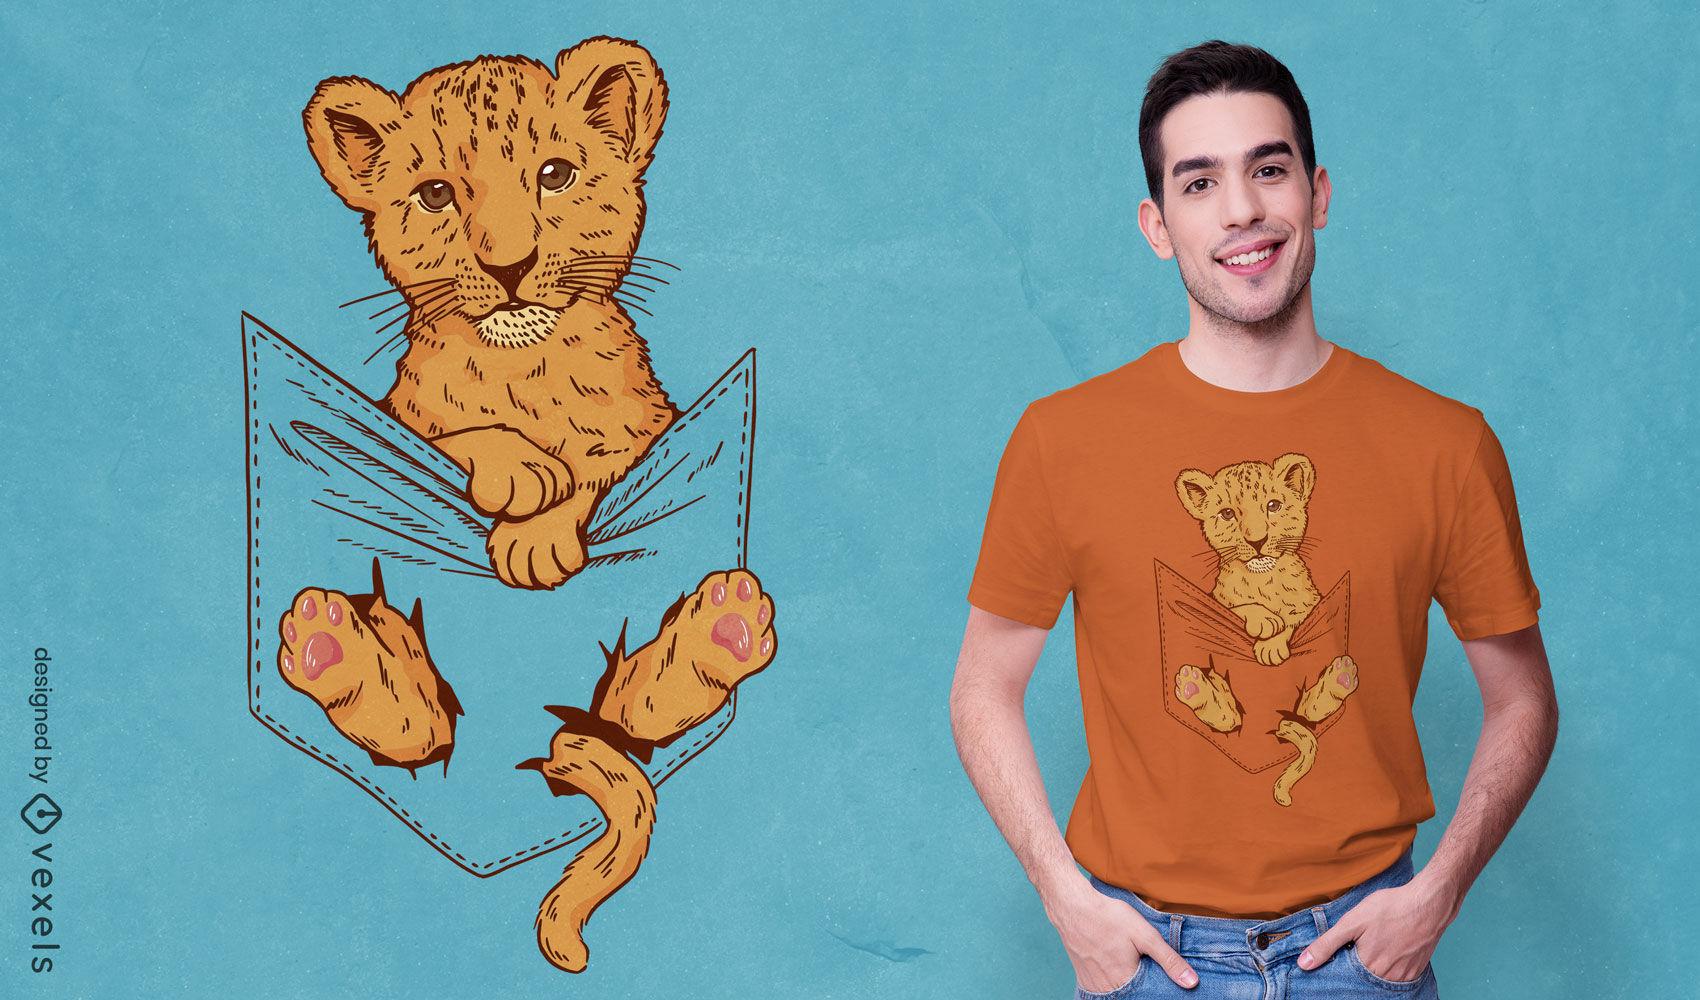 Leão bebê no bolso da camisa com design de camiseta